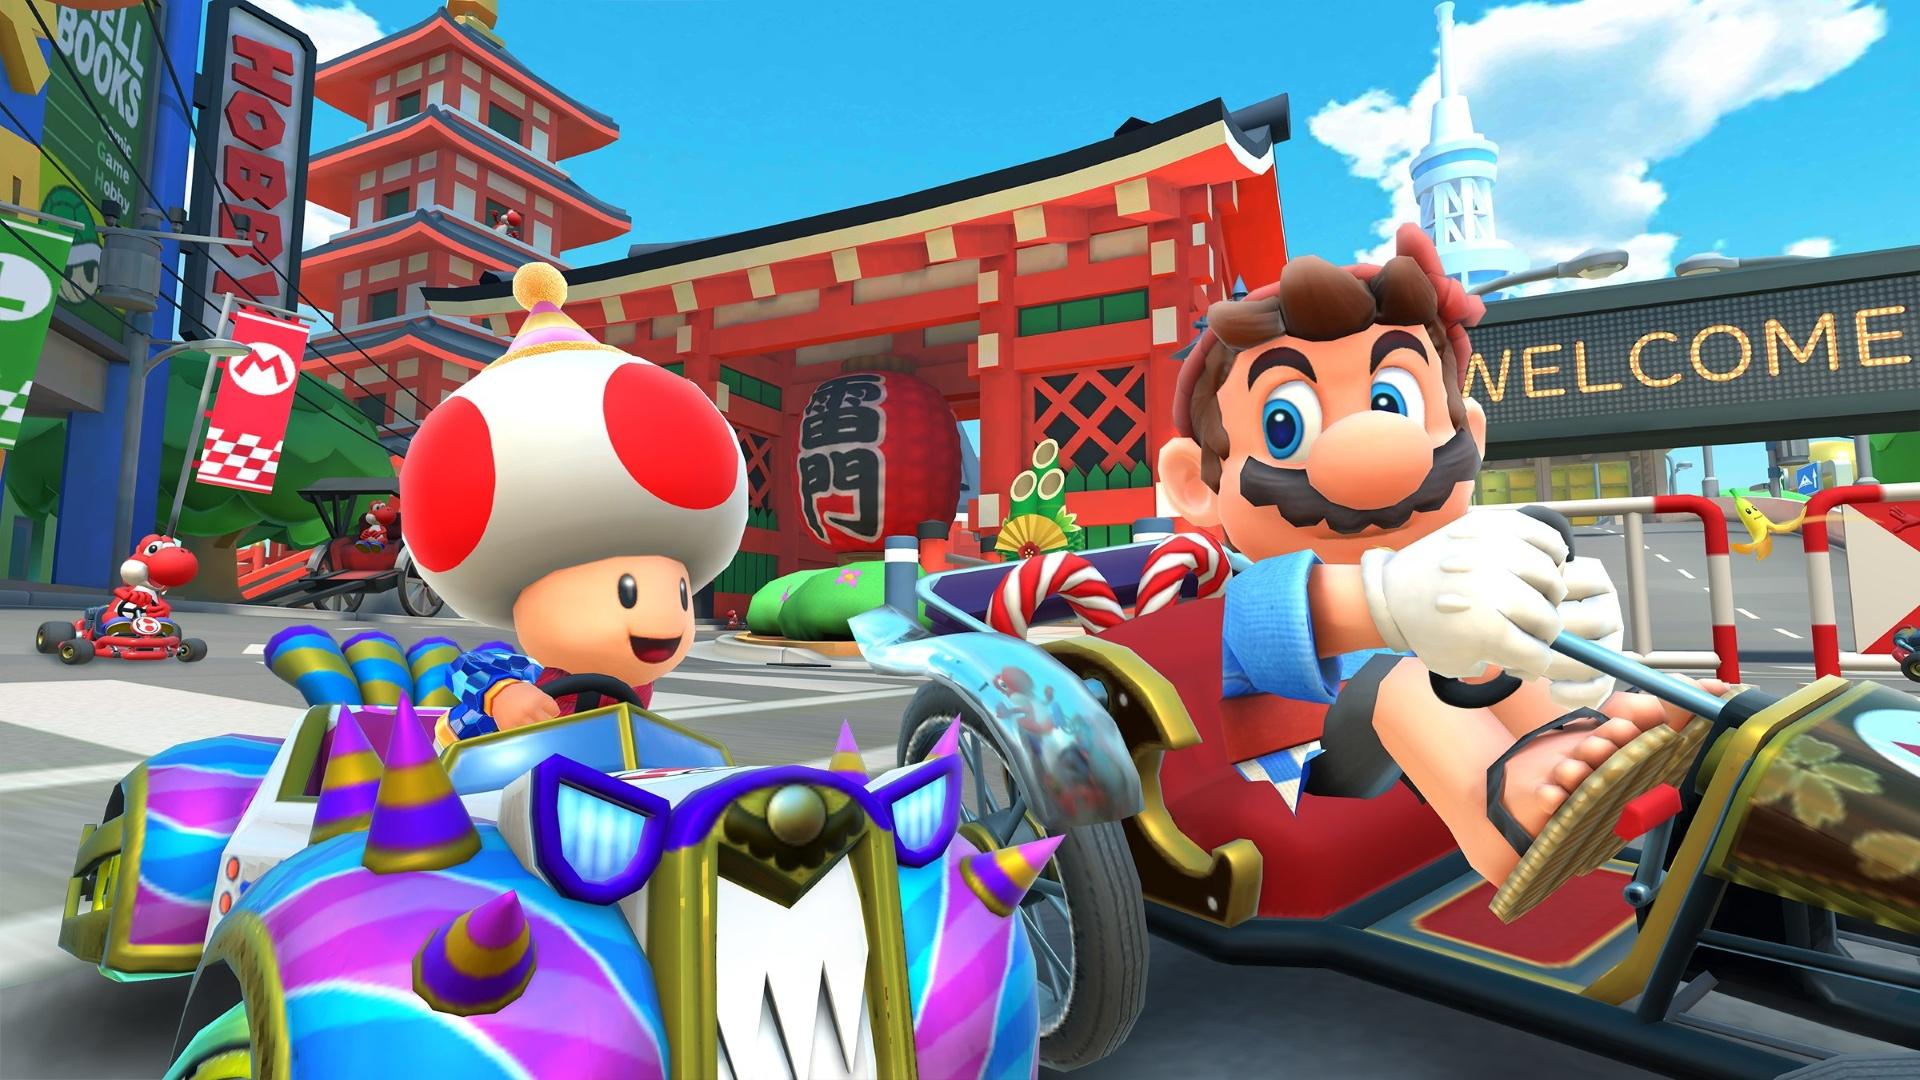 Второй бета-тест мультиплеера Mario Kart Tour будет открыт для всех